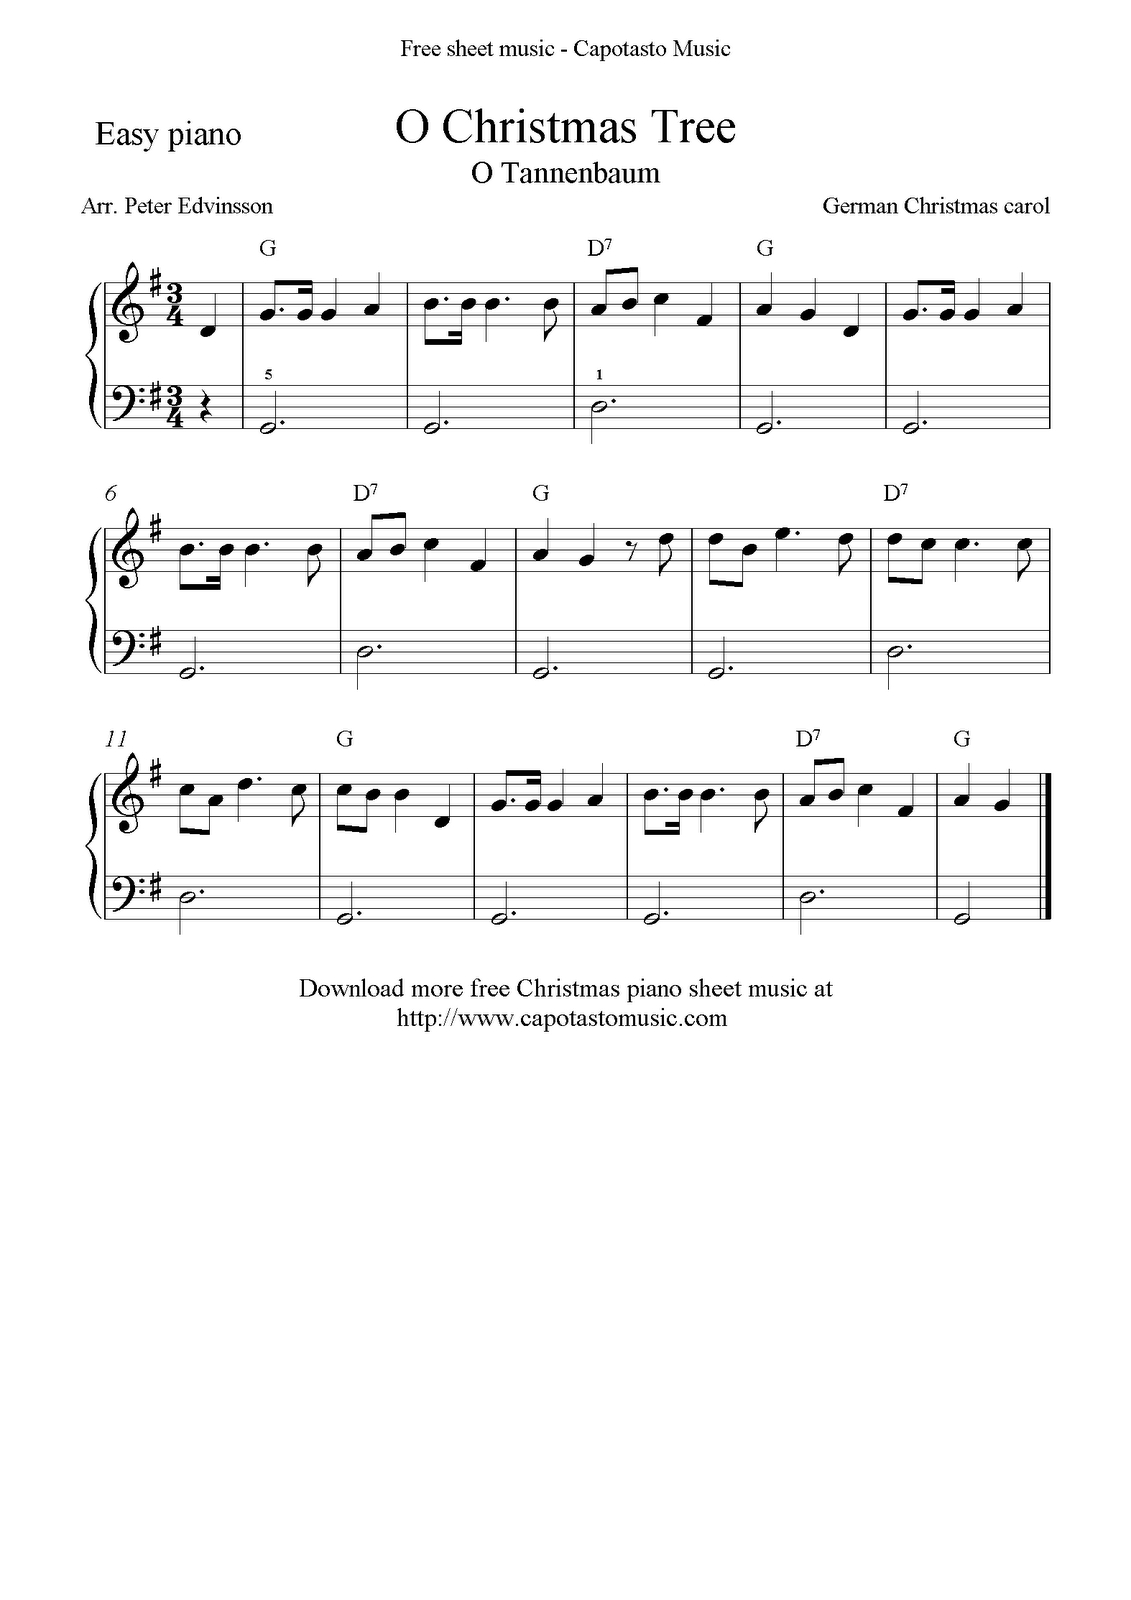 Free Sheet Music Scores: Free Christmas Sheet Music For Easy Piano - Christmas Piano Sheet Music Easy Free Printable